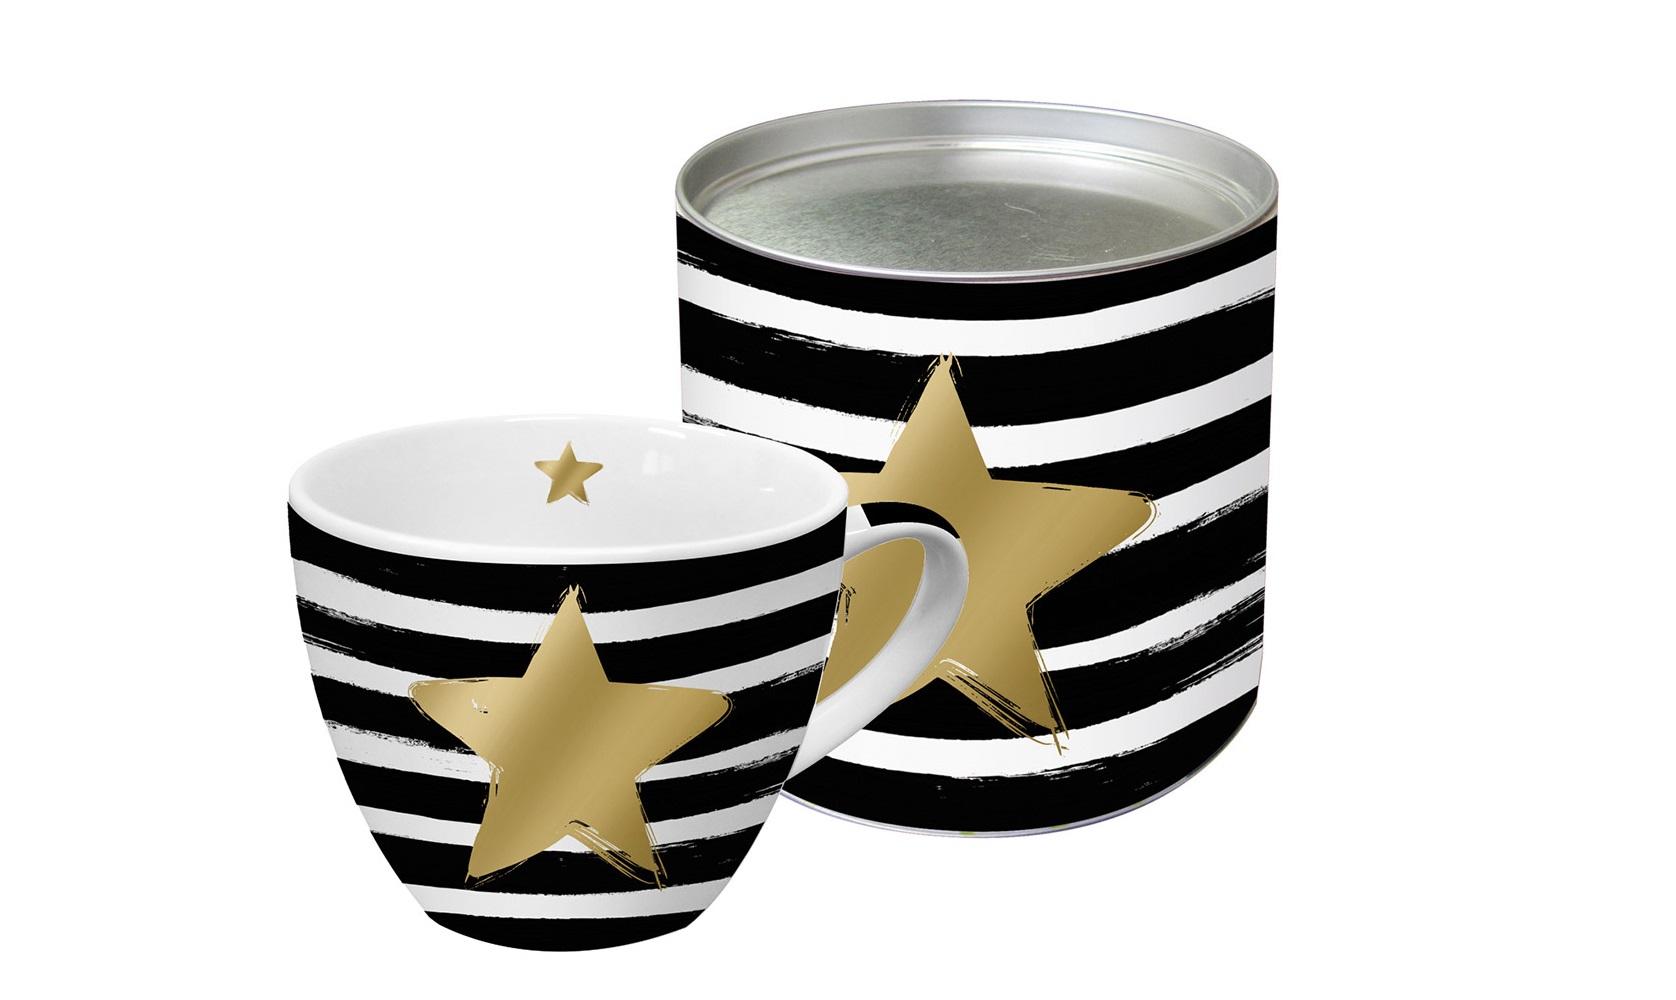 Кружка в подарочной упаковке Star &amp; stripesЧайные пары, чашки и кружки<br>Яркая большая кружка будет прекрасным подарком для друзей, а также родных и близких людей. Это не только красивый, но и функциональный подарок, который не оставит равнодушным даже самого взыскательного любителя ароматного чая.<br>Модель выполнена из высококачественного фарфора с нанесением принта. Кружка имеет большой объем – 0,45 Л, поэтому подходит для чая, пунша, морса и других любимых напитков. Главная особенность кружки – это стильная аппликация в виде звезды из настоящего золота. К кружке прилагается подарочная коробка с идентичным оформлением.<br><br>Material: Фарфор<br>Height см: 9,5<br>Diameter см: 10,7